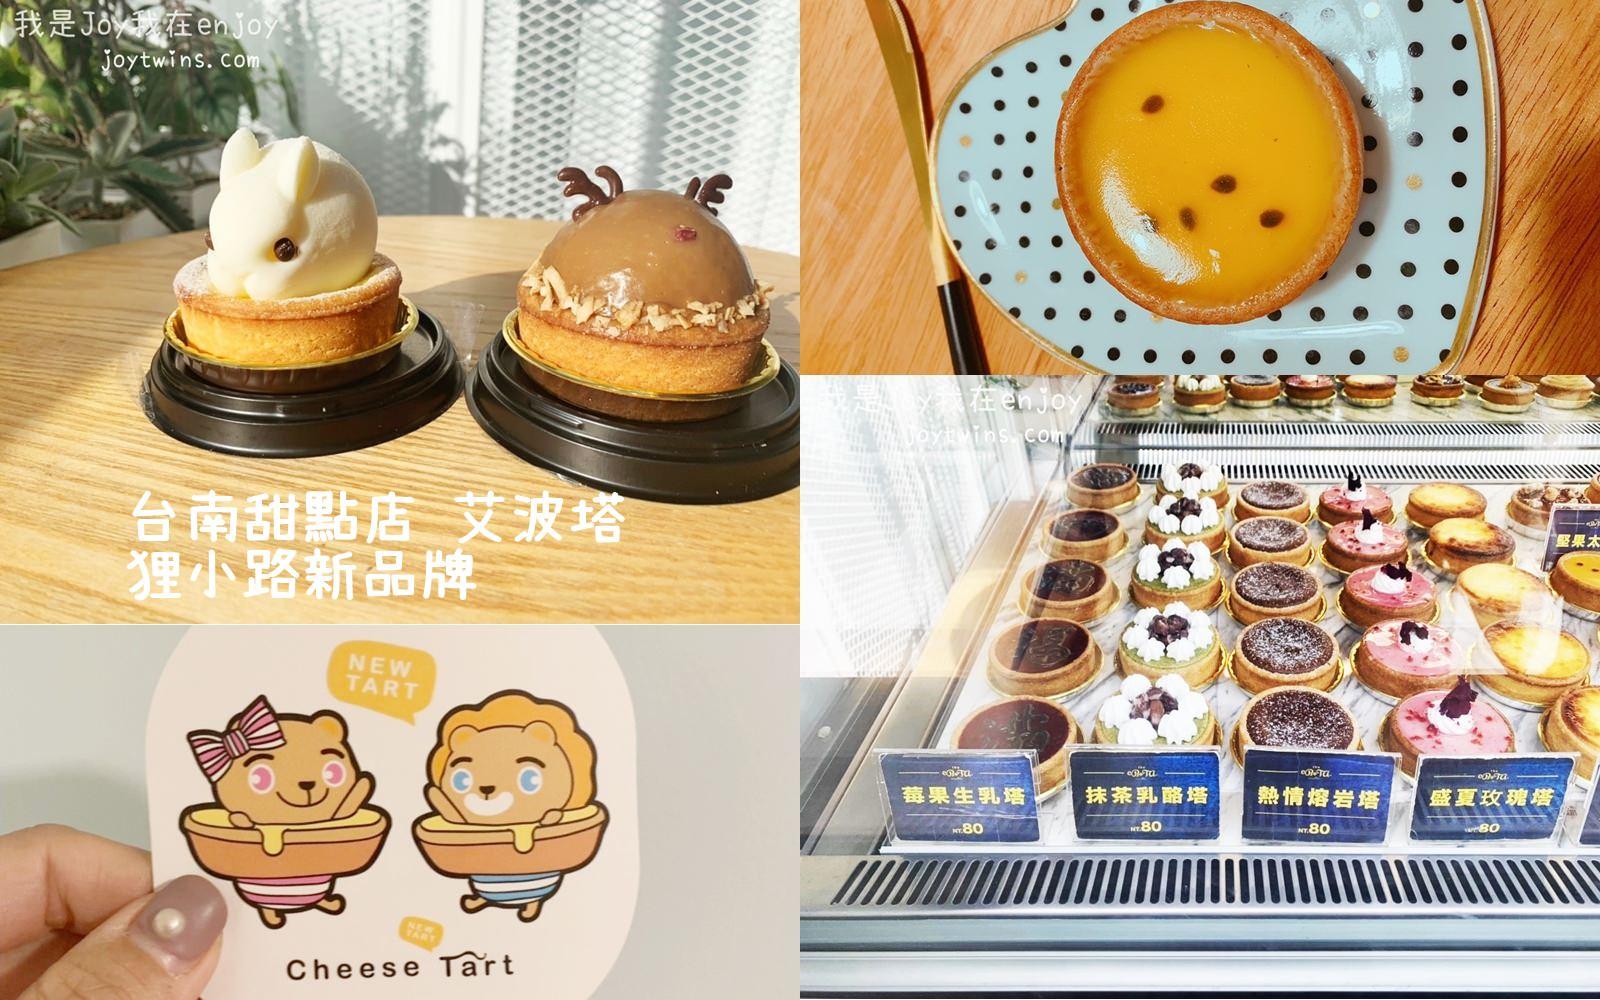 【台南美食】 艾波塔甜點工作室 夢幻甜點外帶正夯! 狸小路品牌  價位可愛 酥脆口感超棒